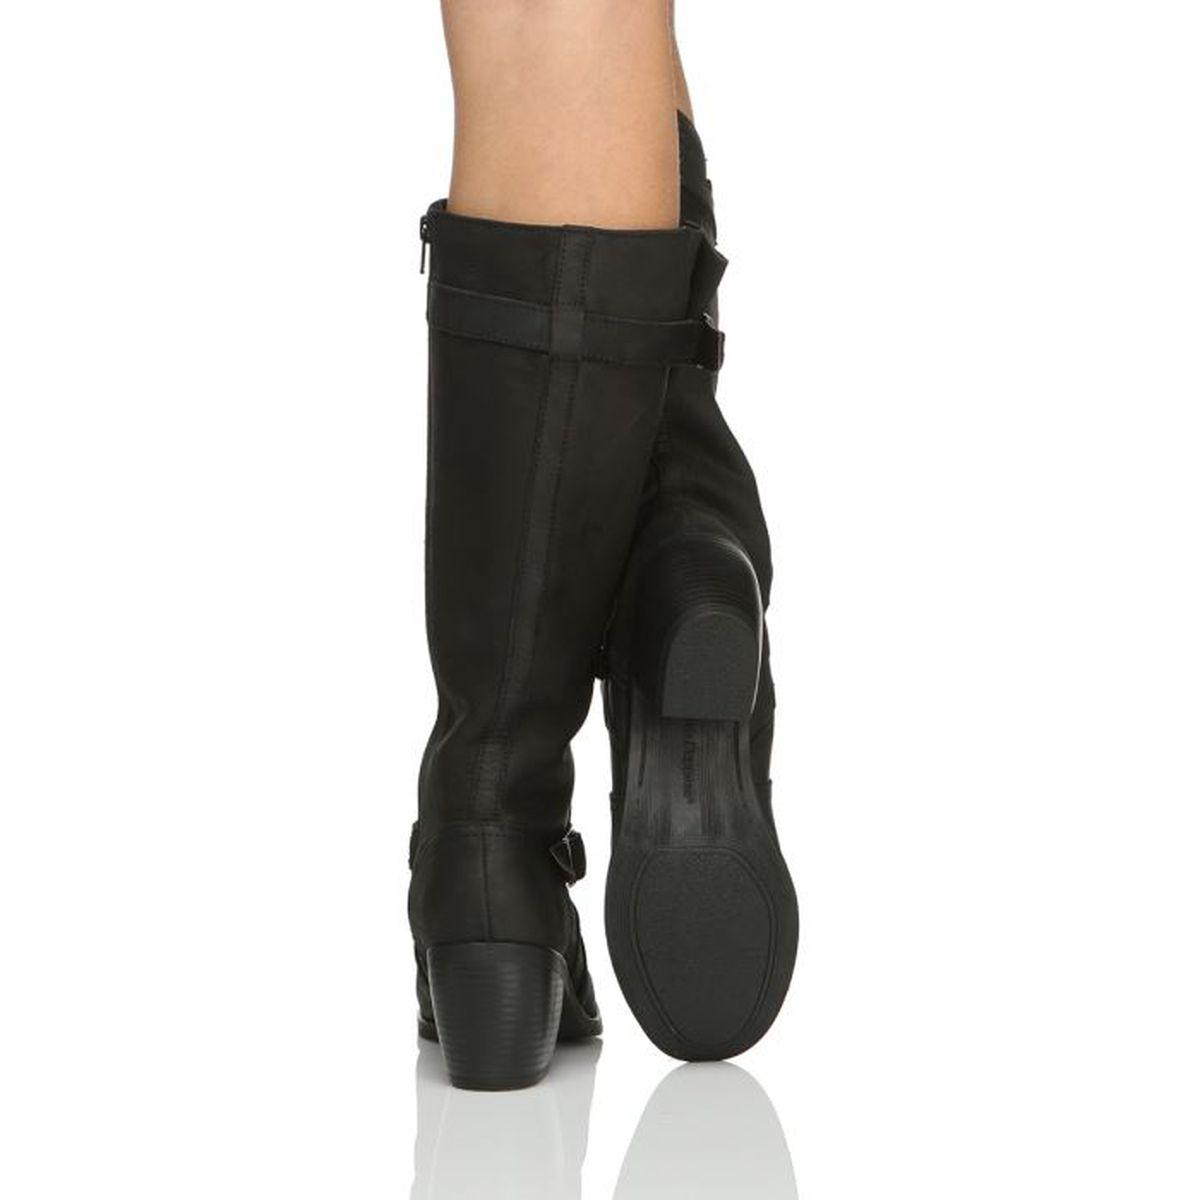 HUSH PUPPIES Bottes Rustique Boots Femme femme noir Achat